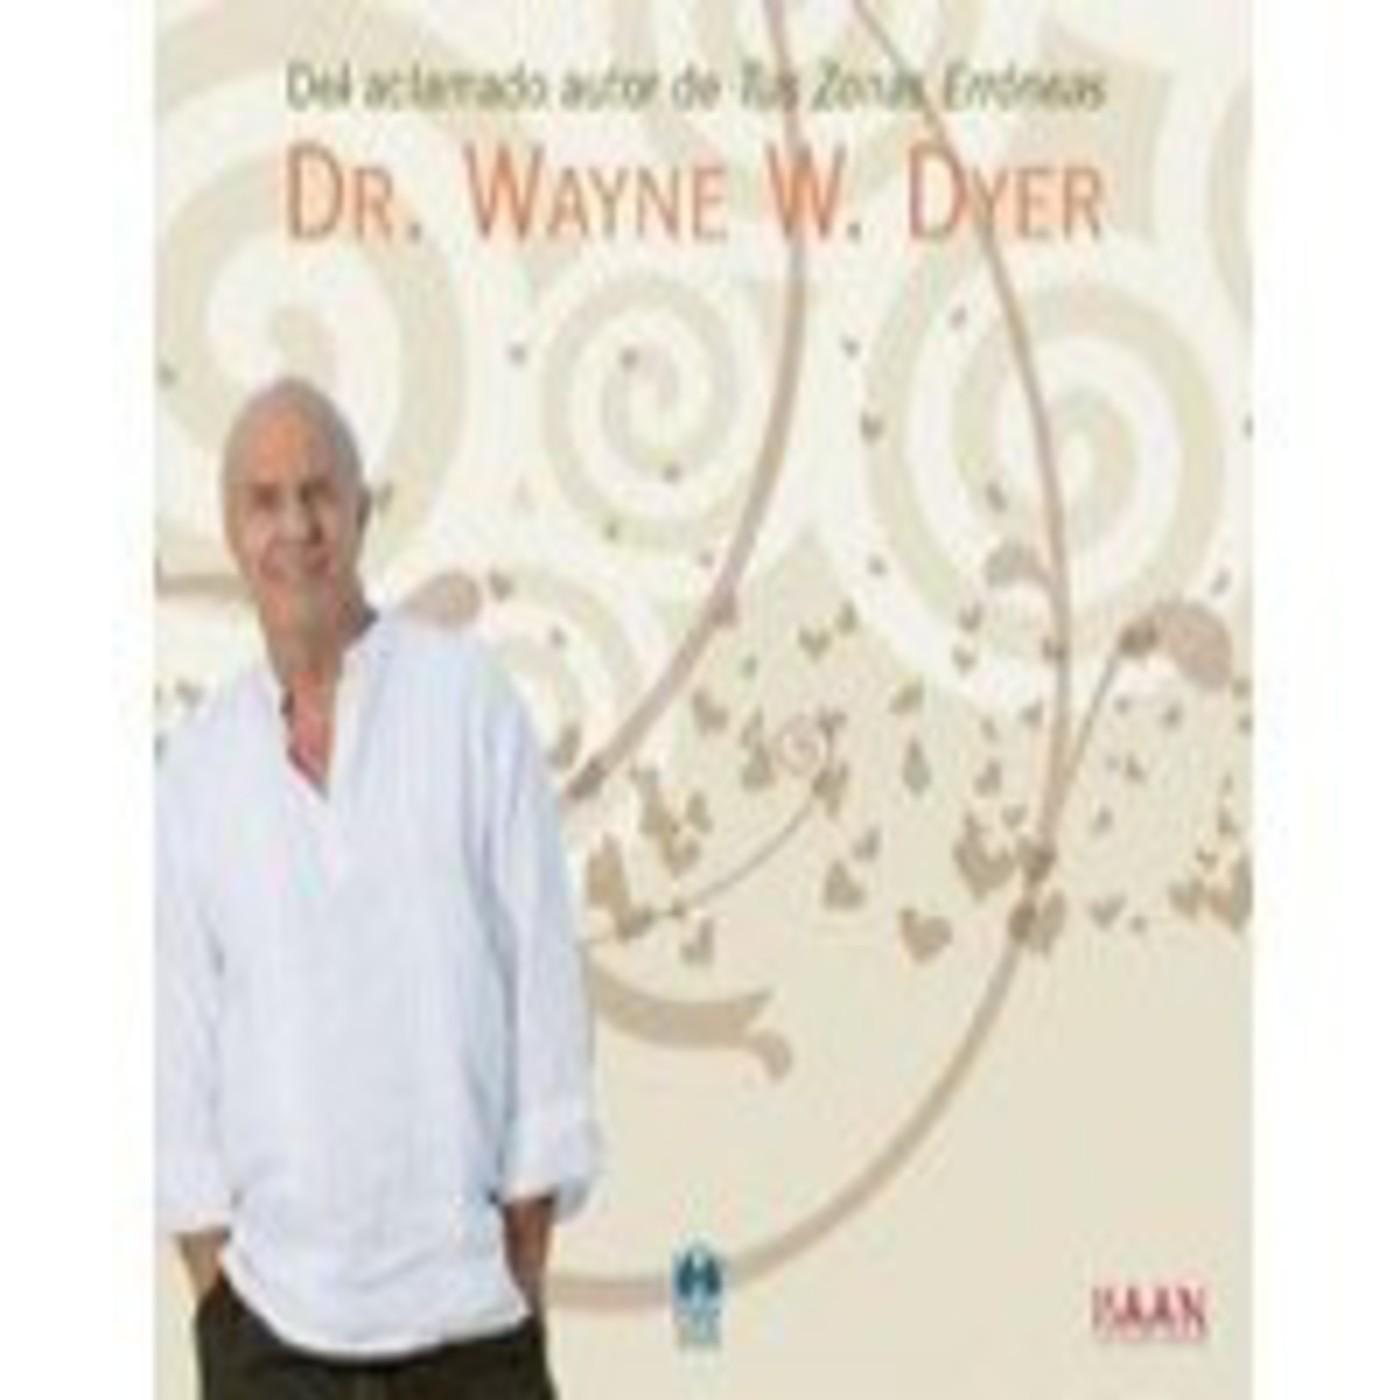 [2 - 2] Lo que todo padre desea para sus hijos (Dr. Wayne W. Dyer)